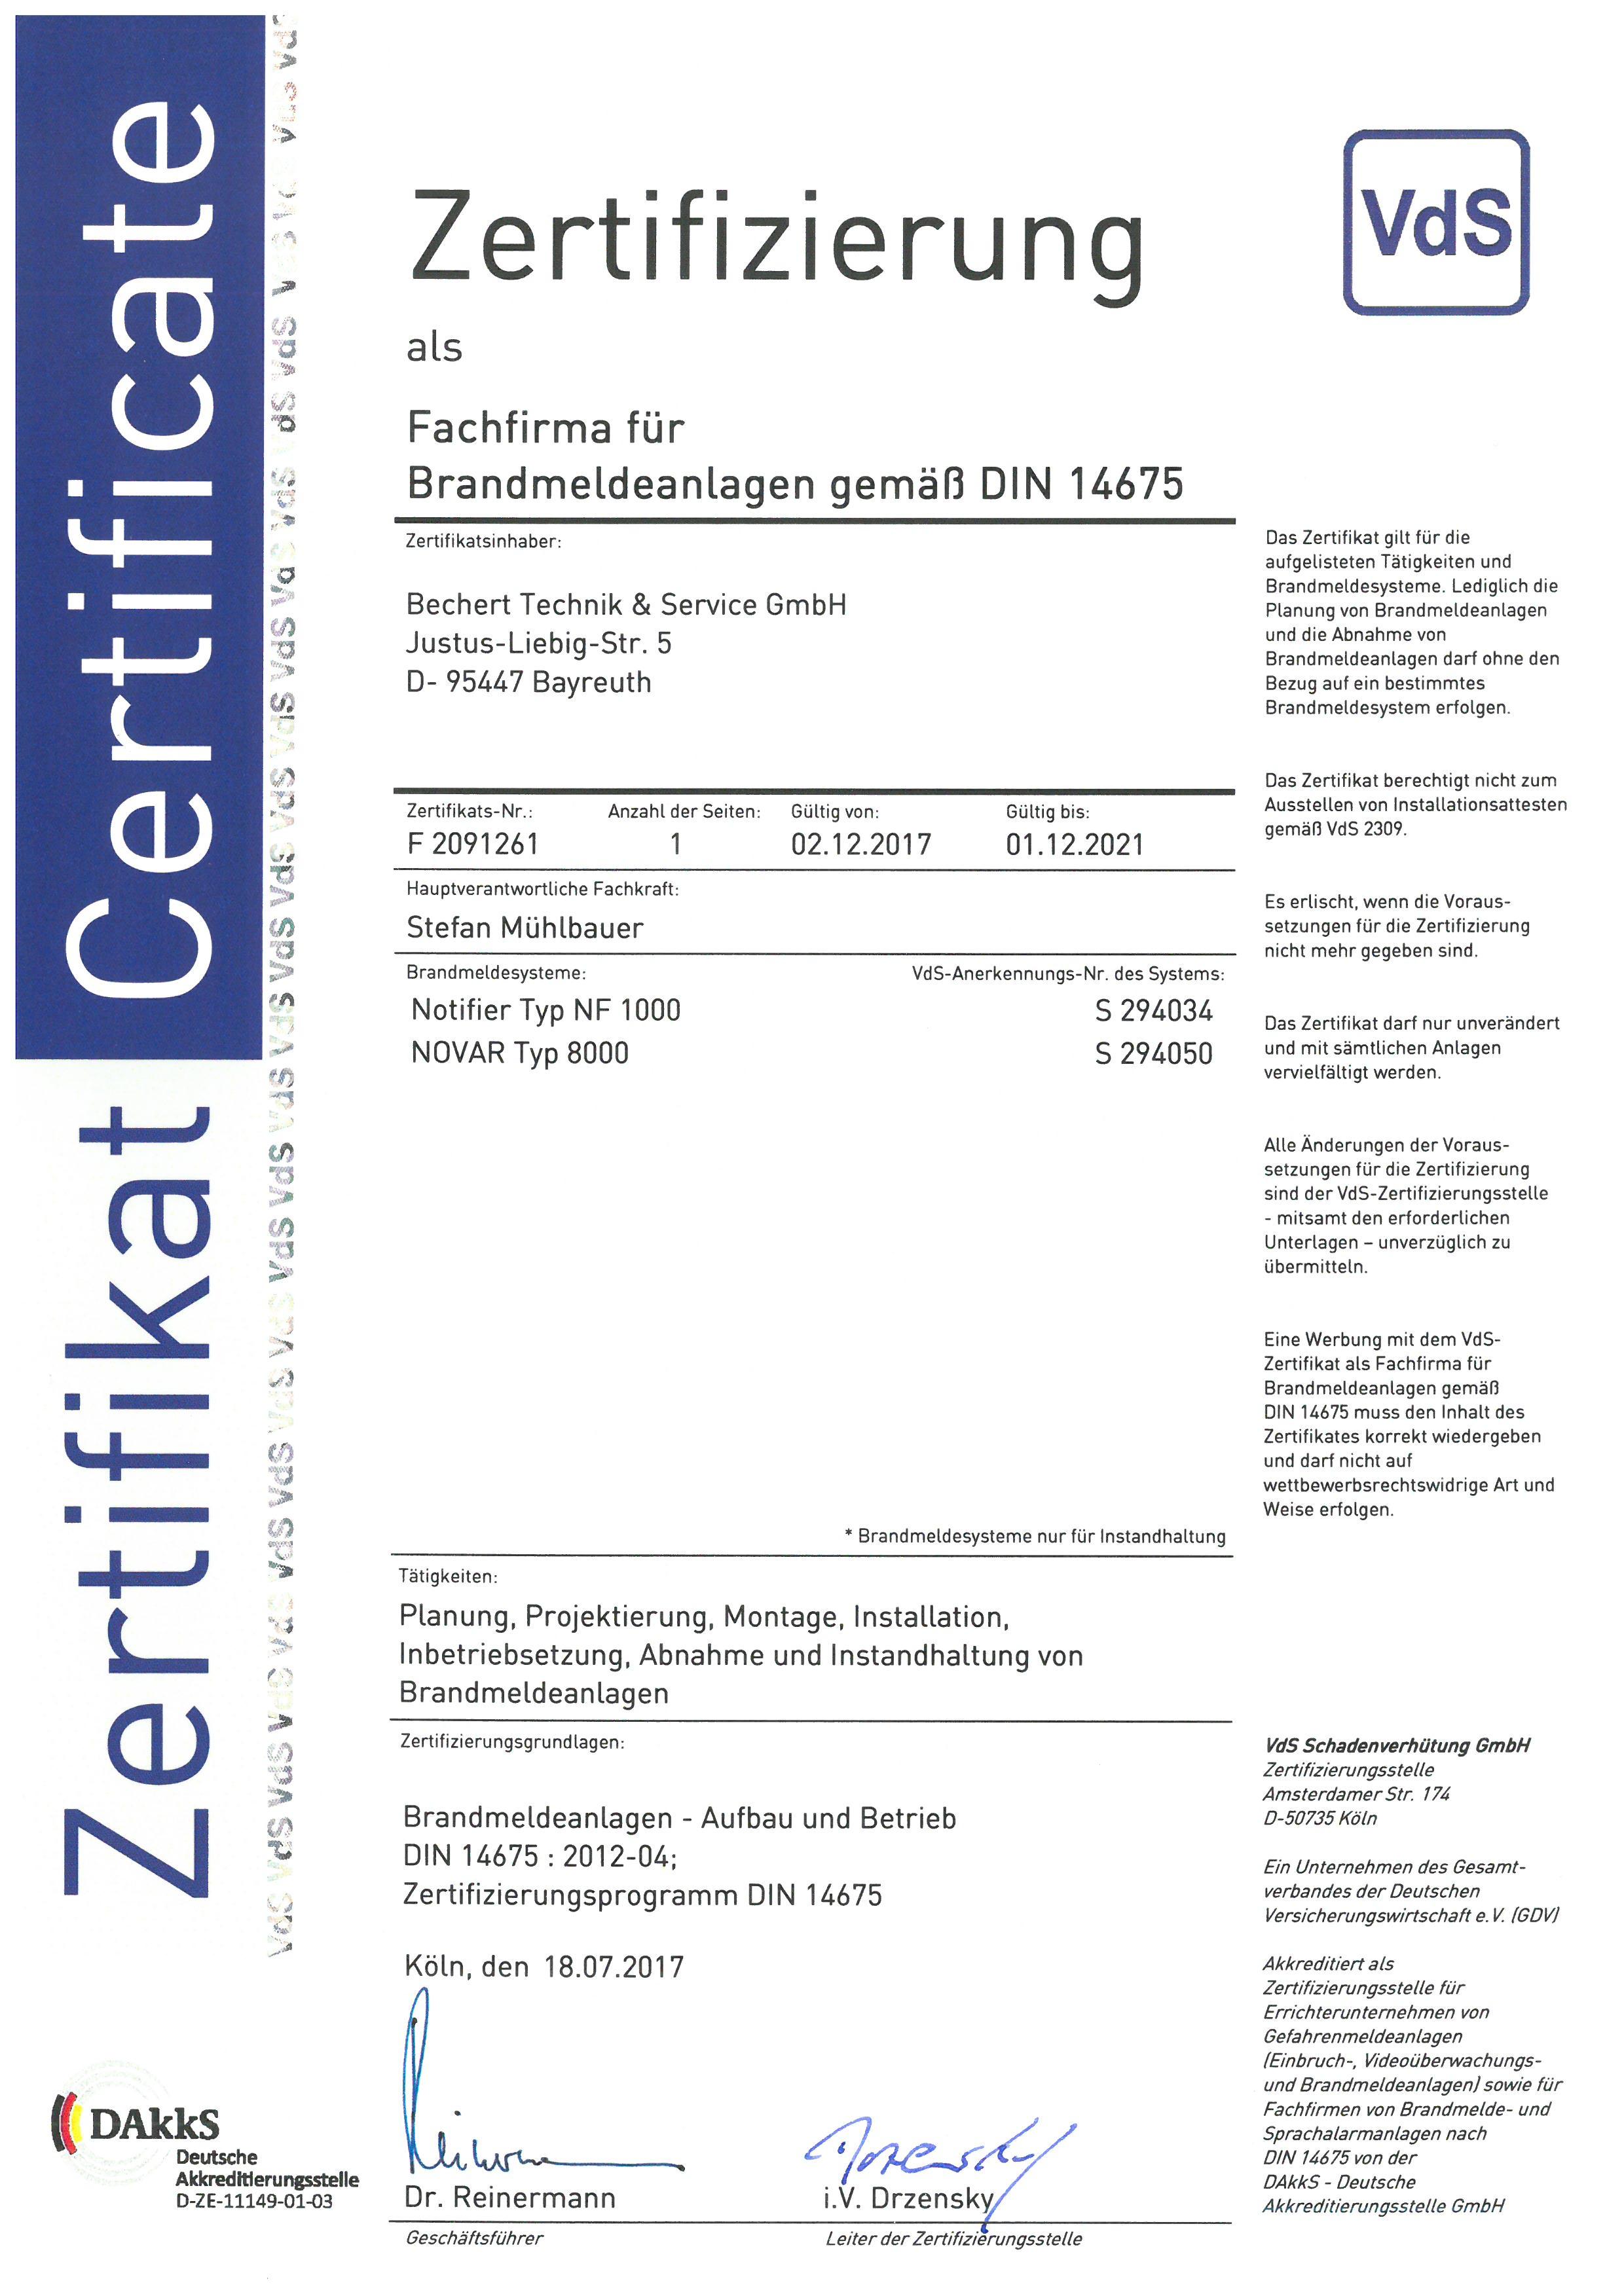 Fachfirma für Brandmeldeanlagen gemäß DIN 14675